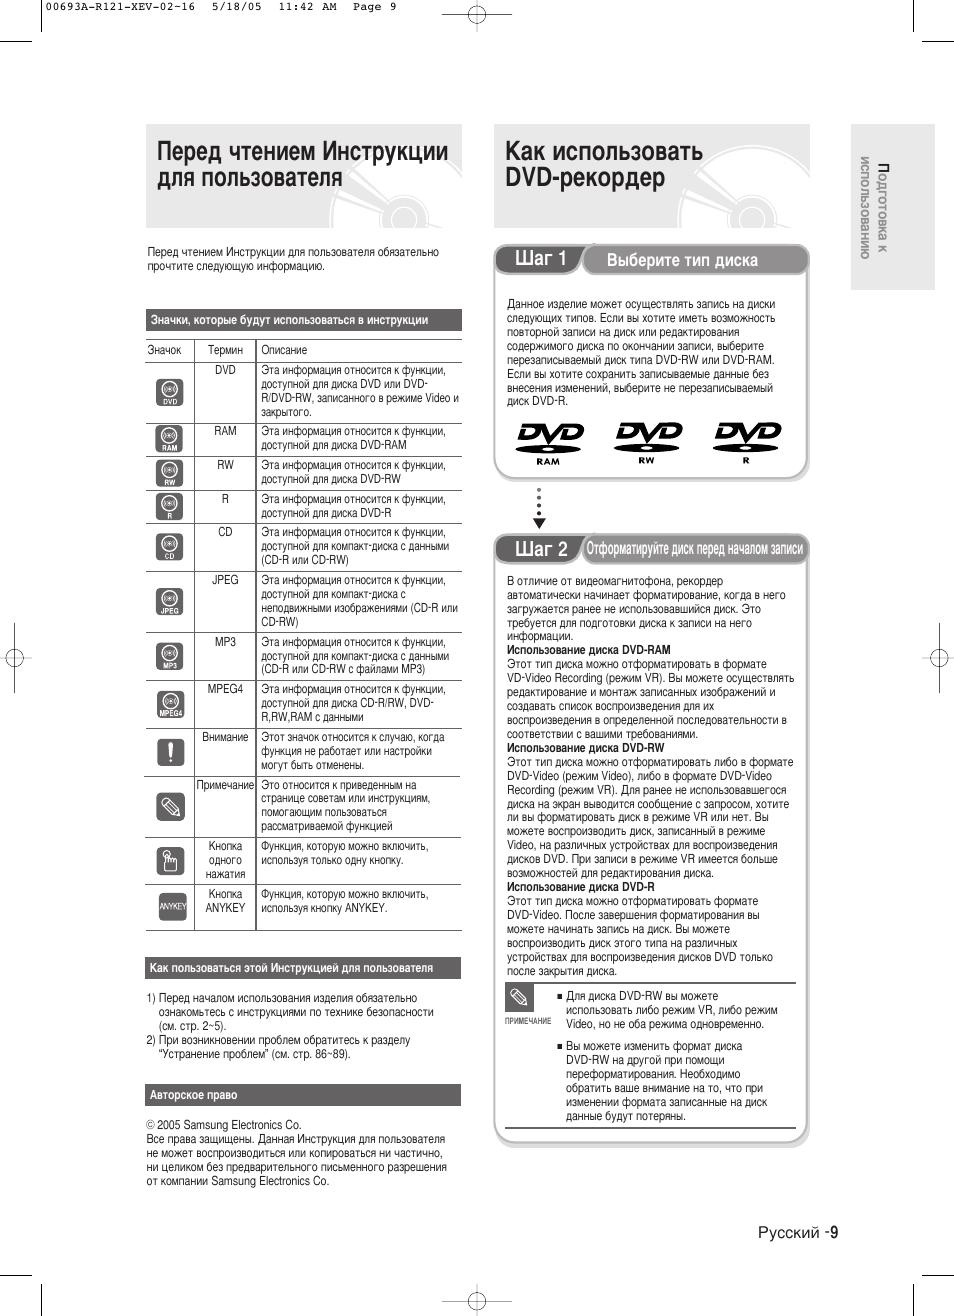 инструкция пользователя для acer v5-552g на русском языке